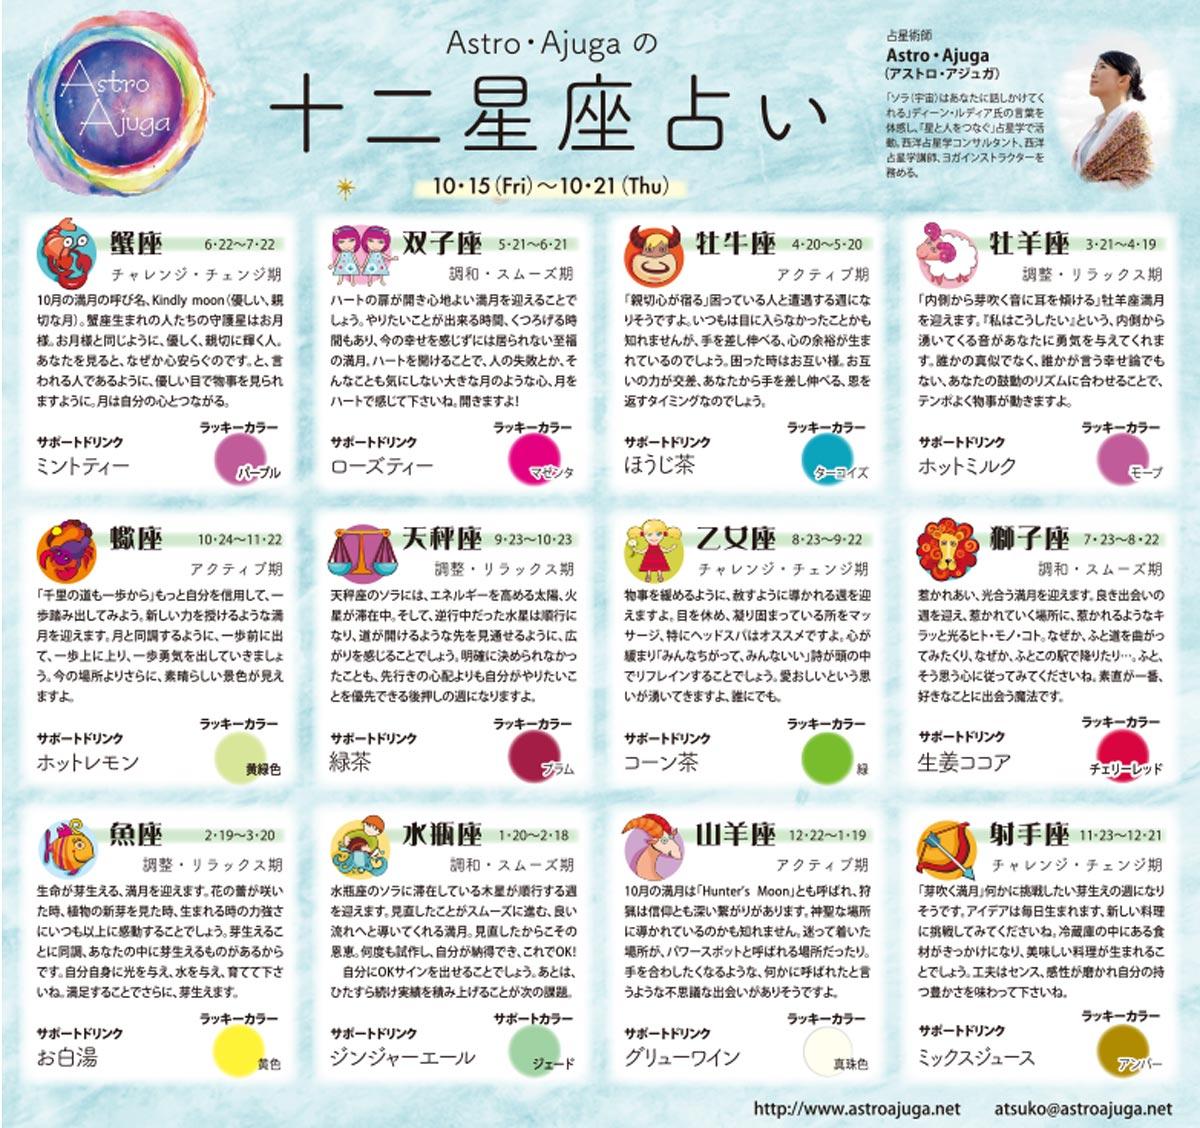 週刊ベイスポ「12星座占い」の連載(10/15〜10/21)